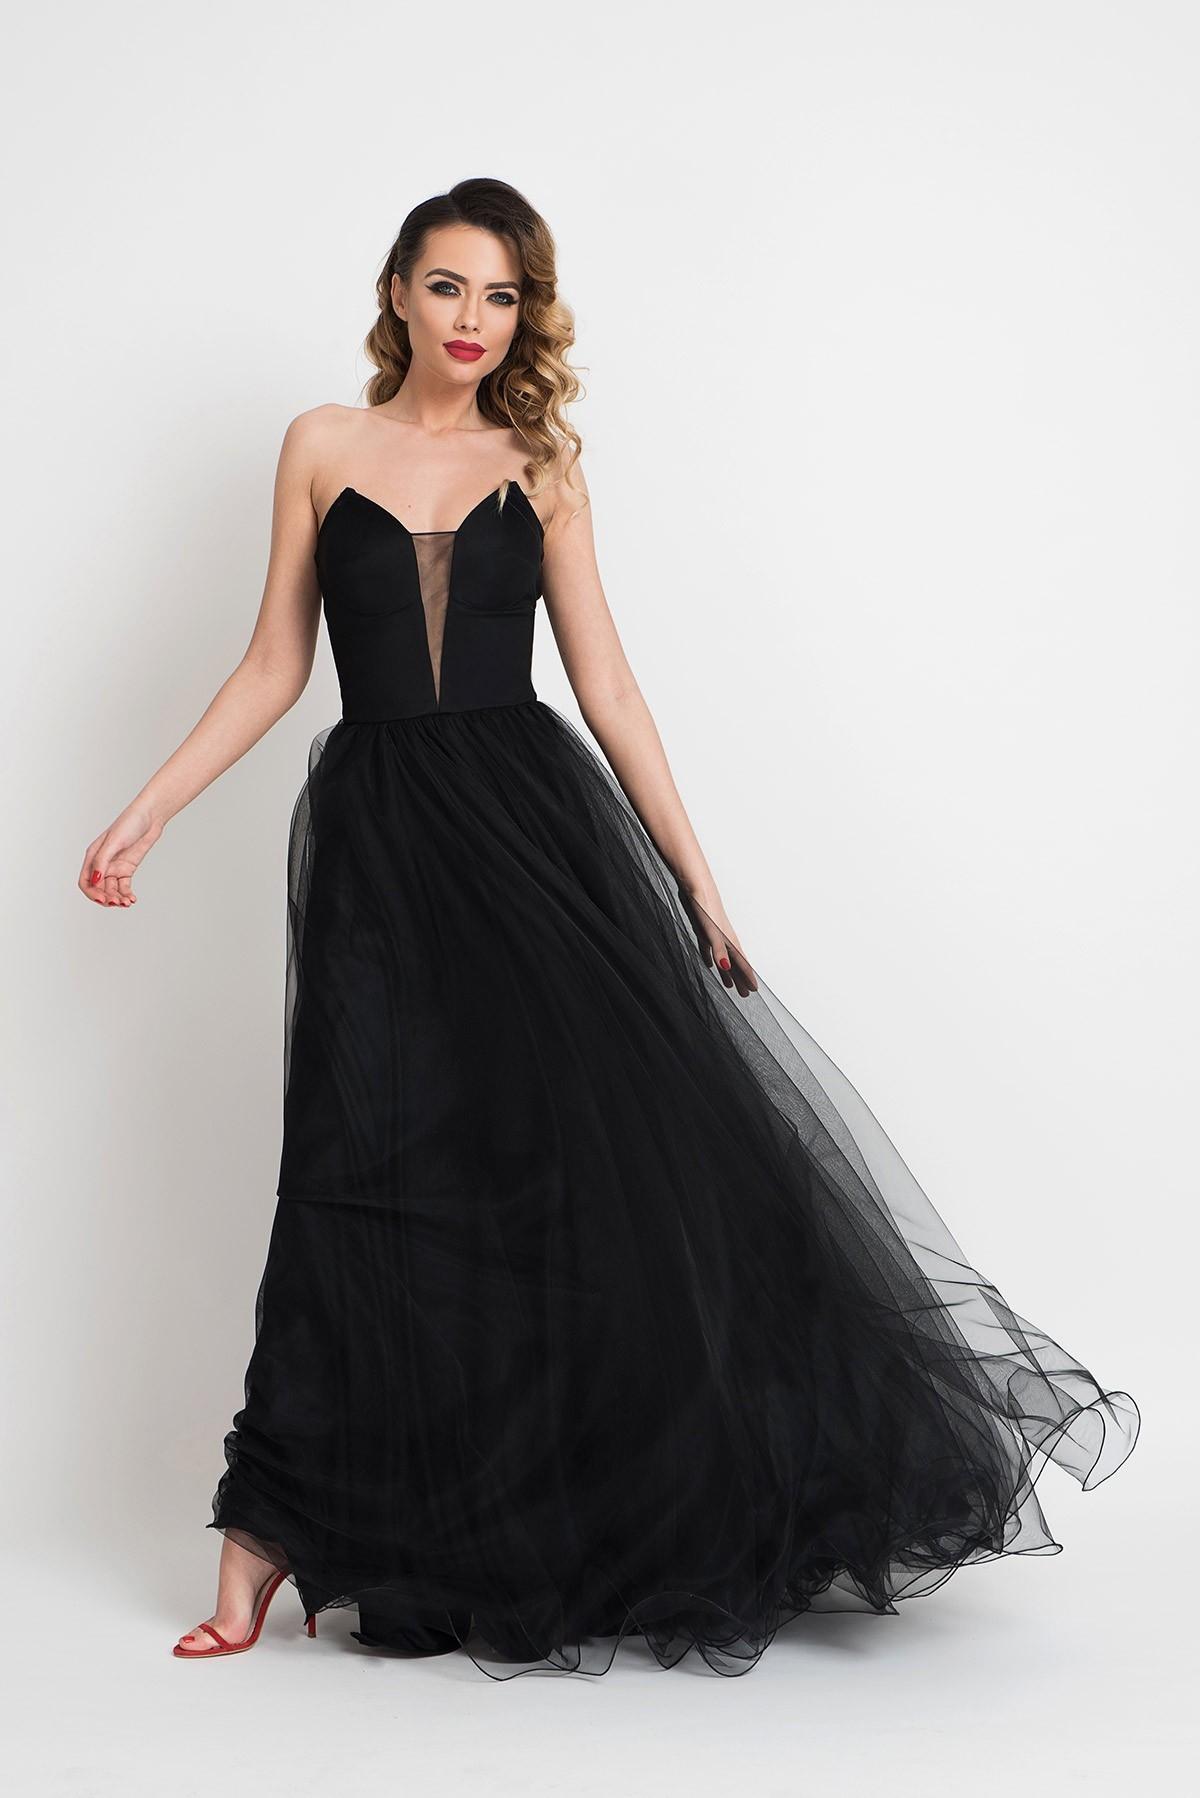 Rochie neagra de ocazie din tul cu bustul tip corset si decolteu adanc in V